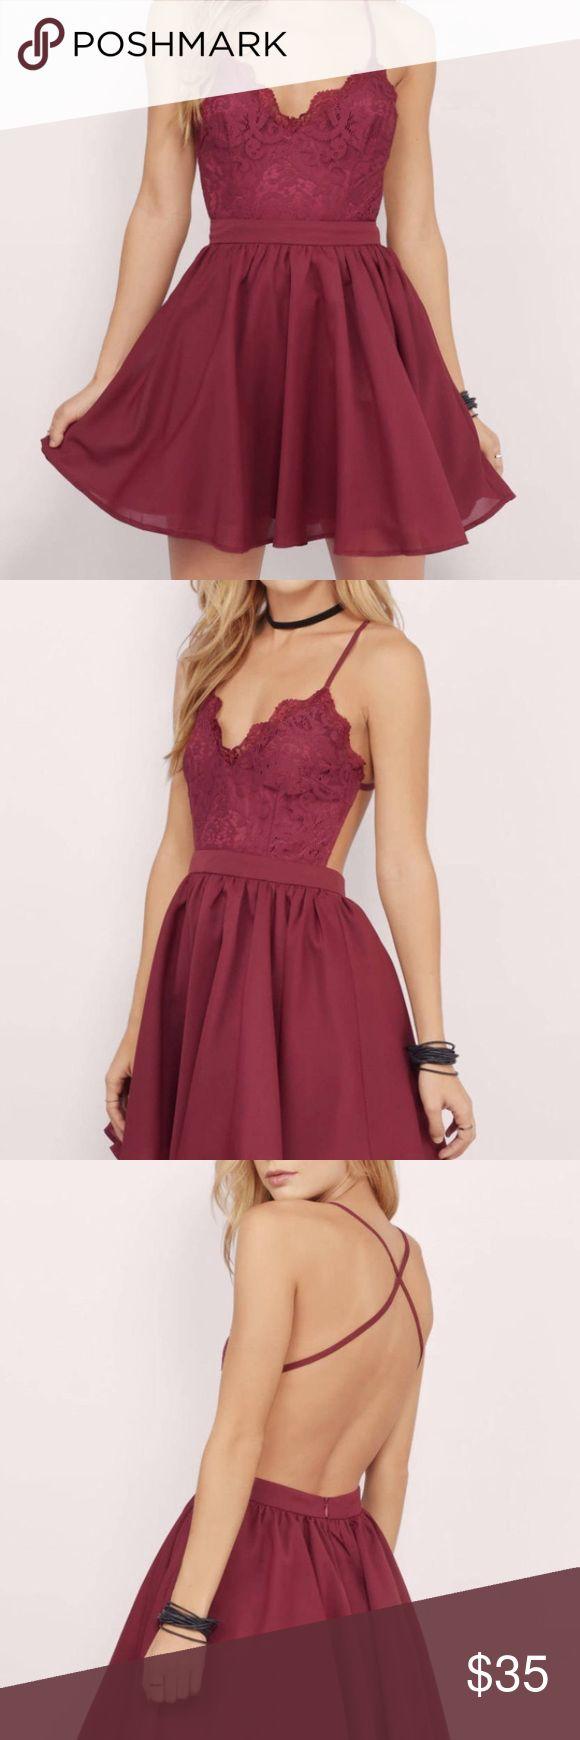 Tobi skater dress maroon skater dress, criss cross straps, backless, tulle underneath the skirt, never worn Tobi Dresses